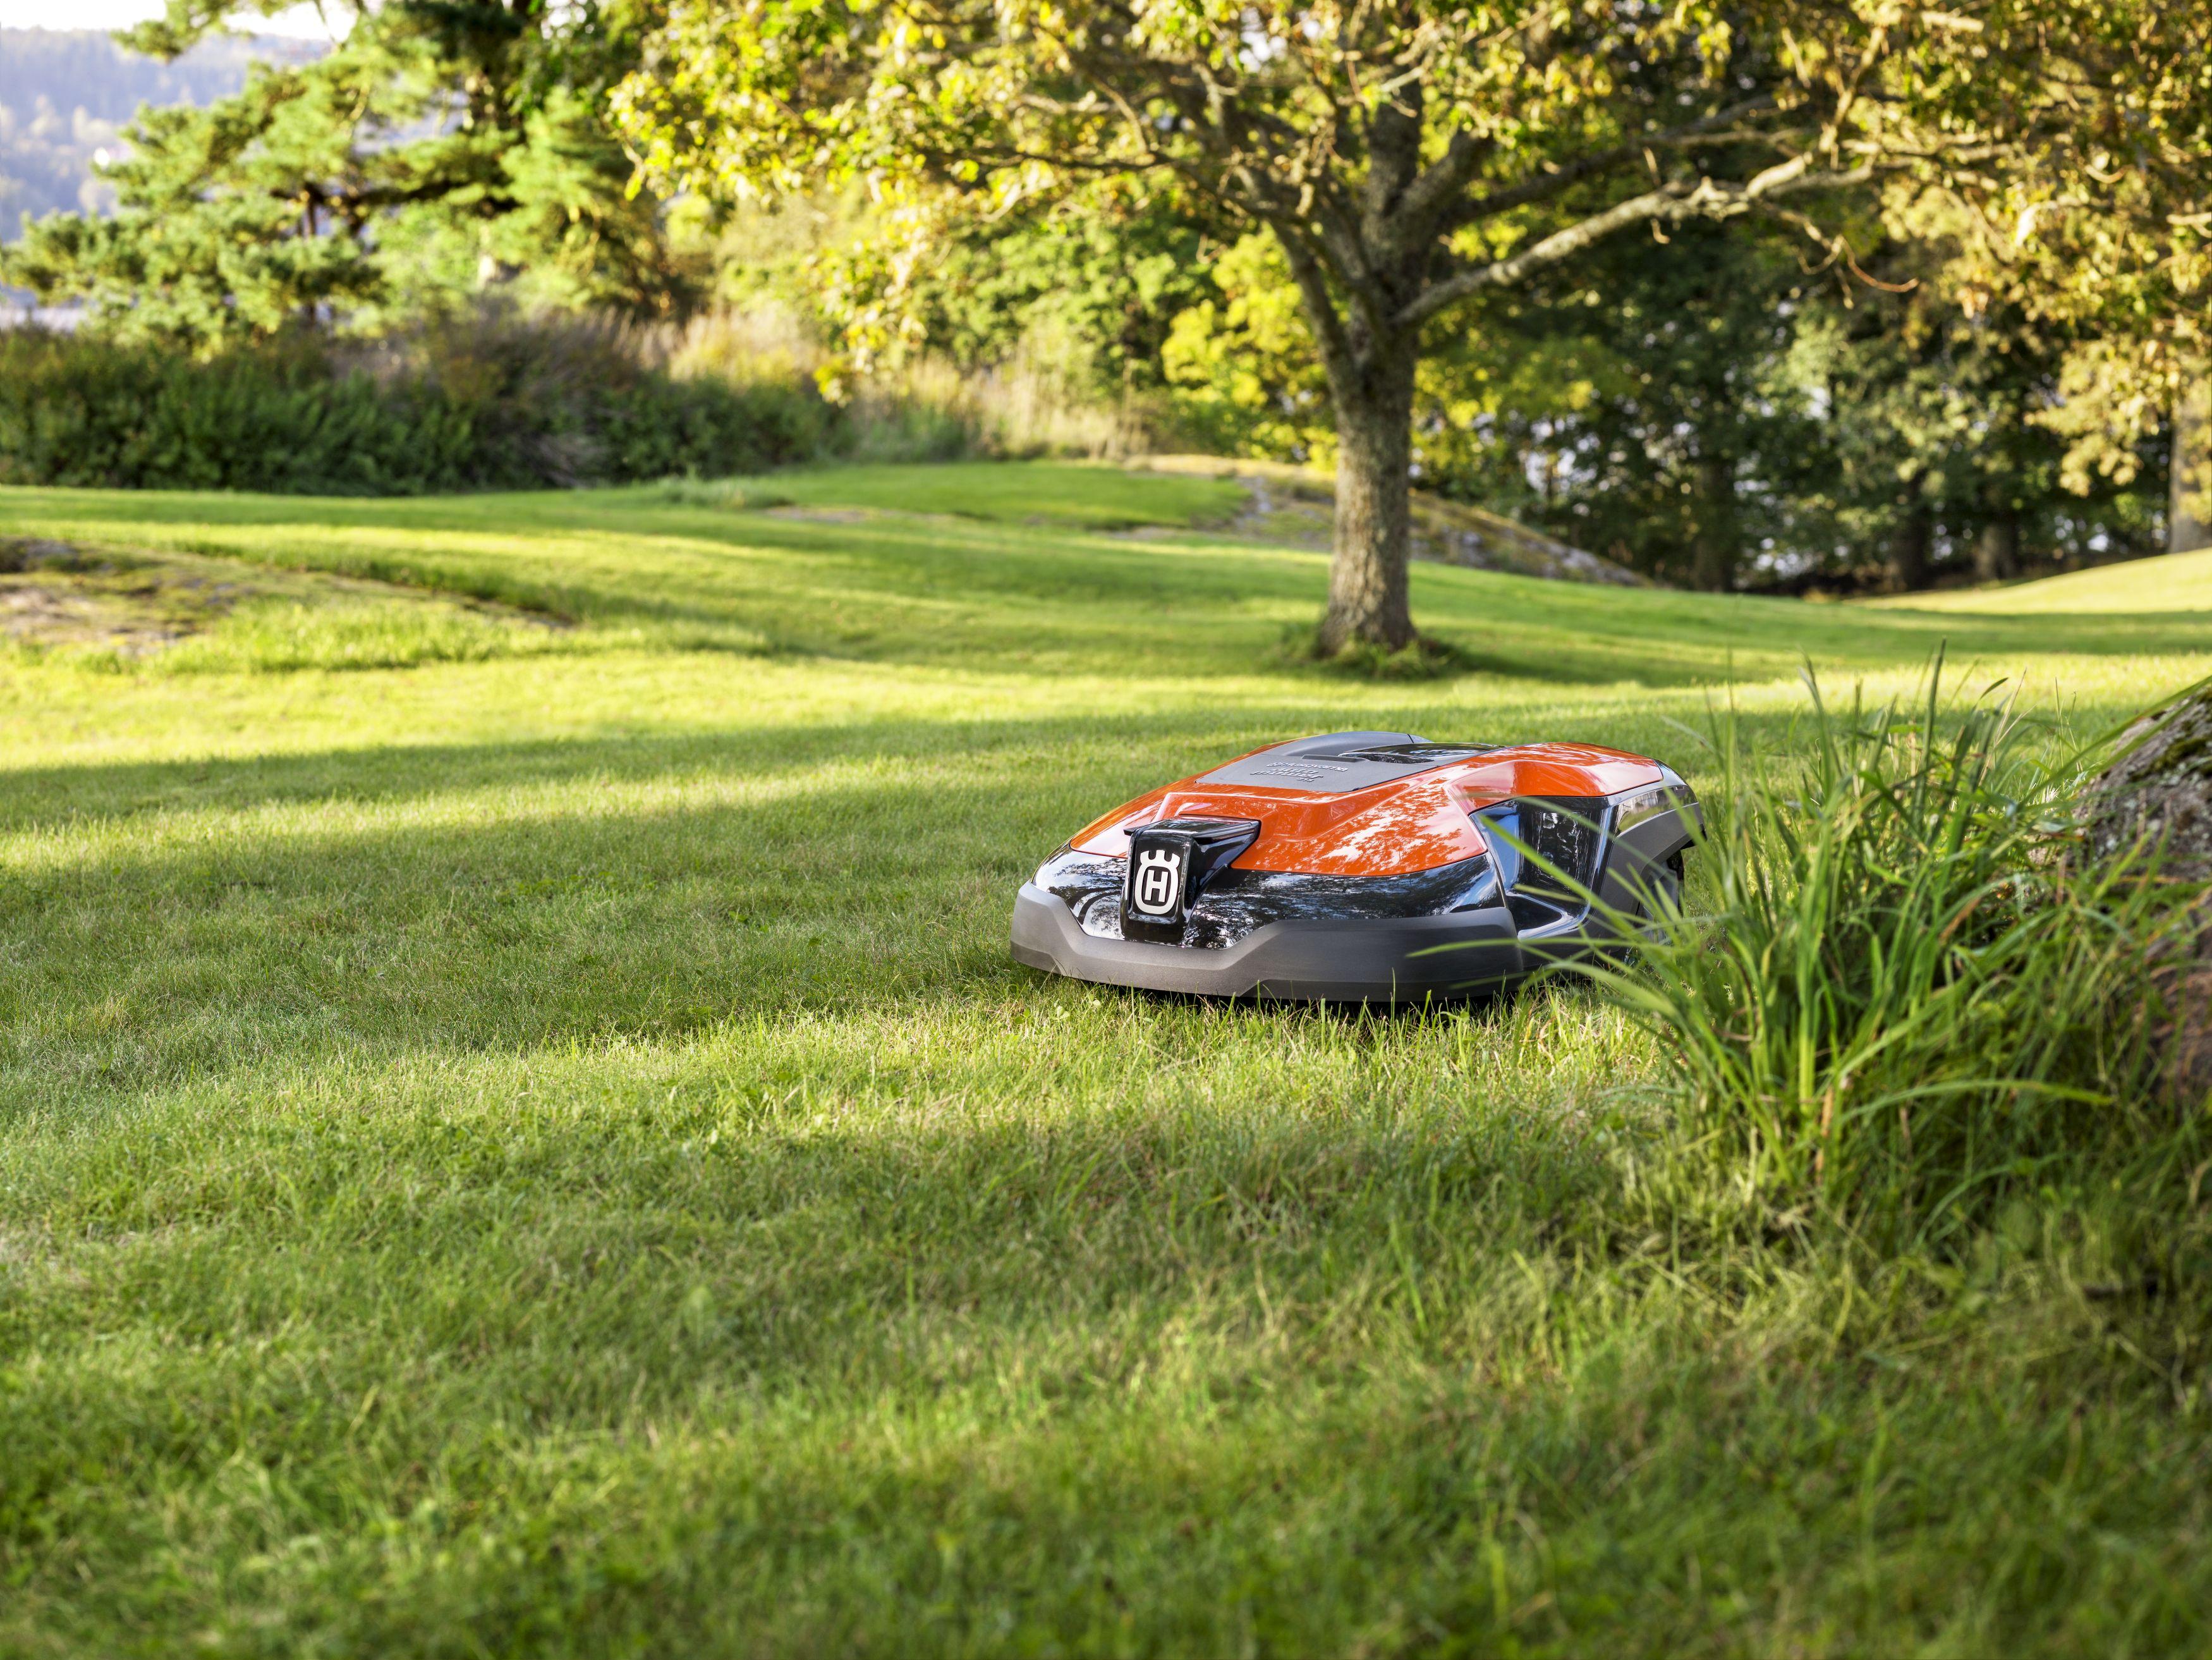 Melns ar Ornažu augšas daļu, Husqvarna zāles pļāvējs robots – Automower 315 modelis, darbības demonstrācija pļaujot zāli